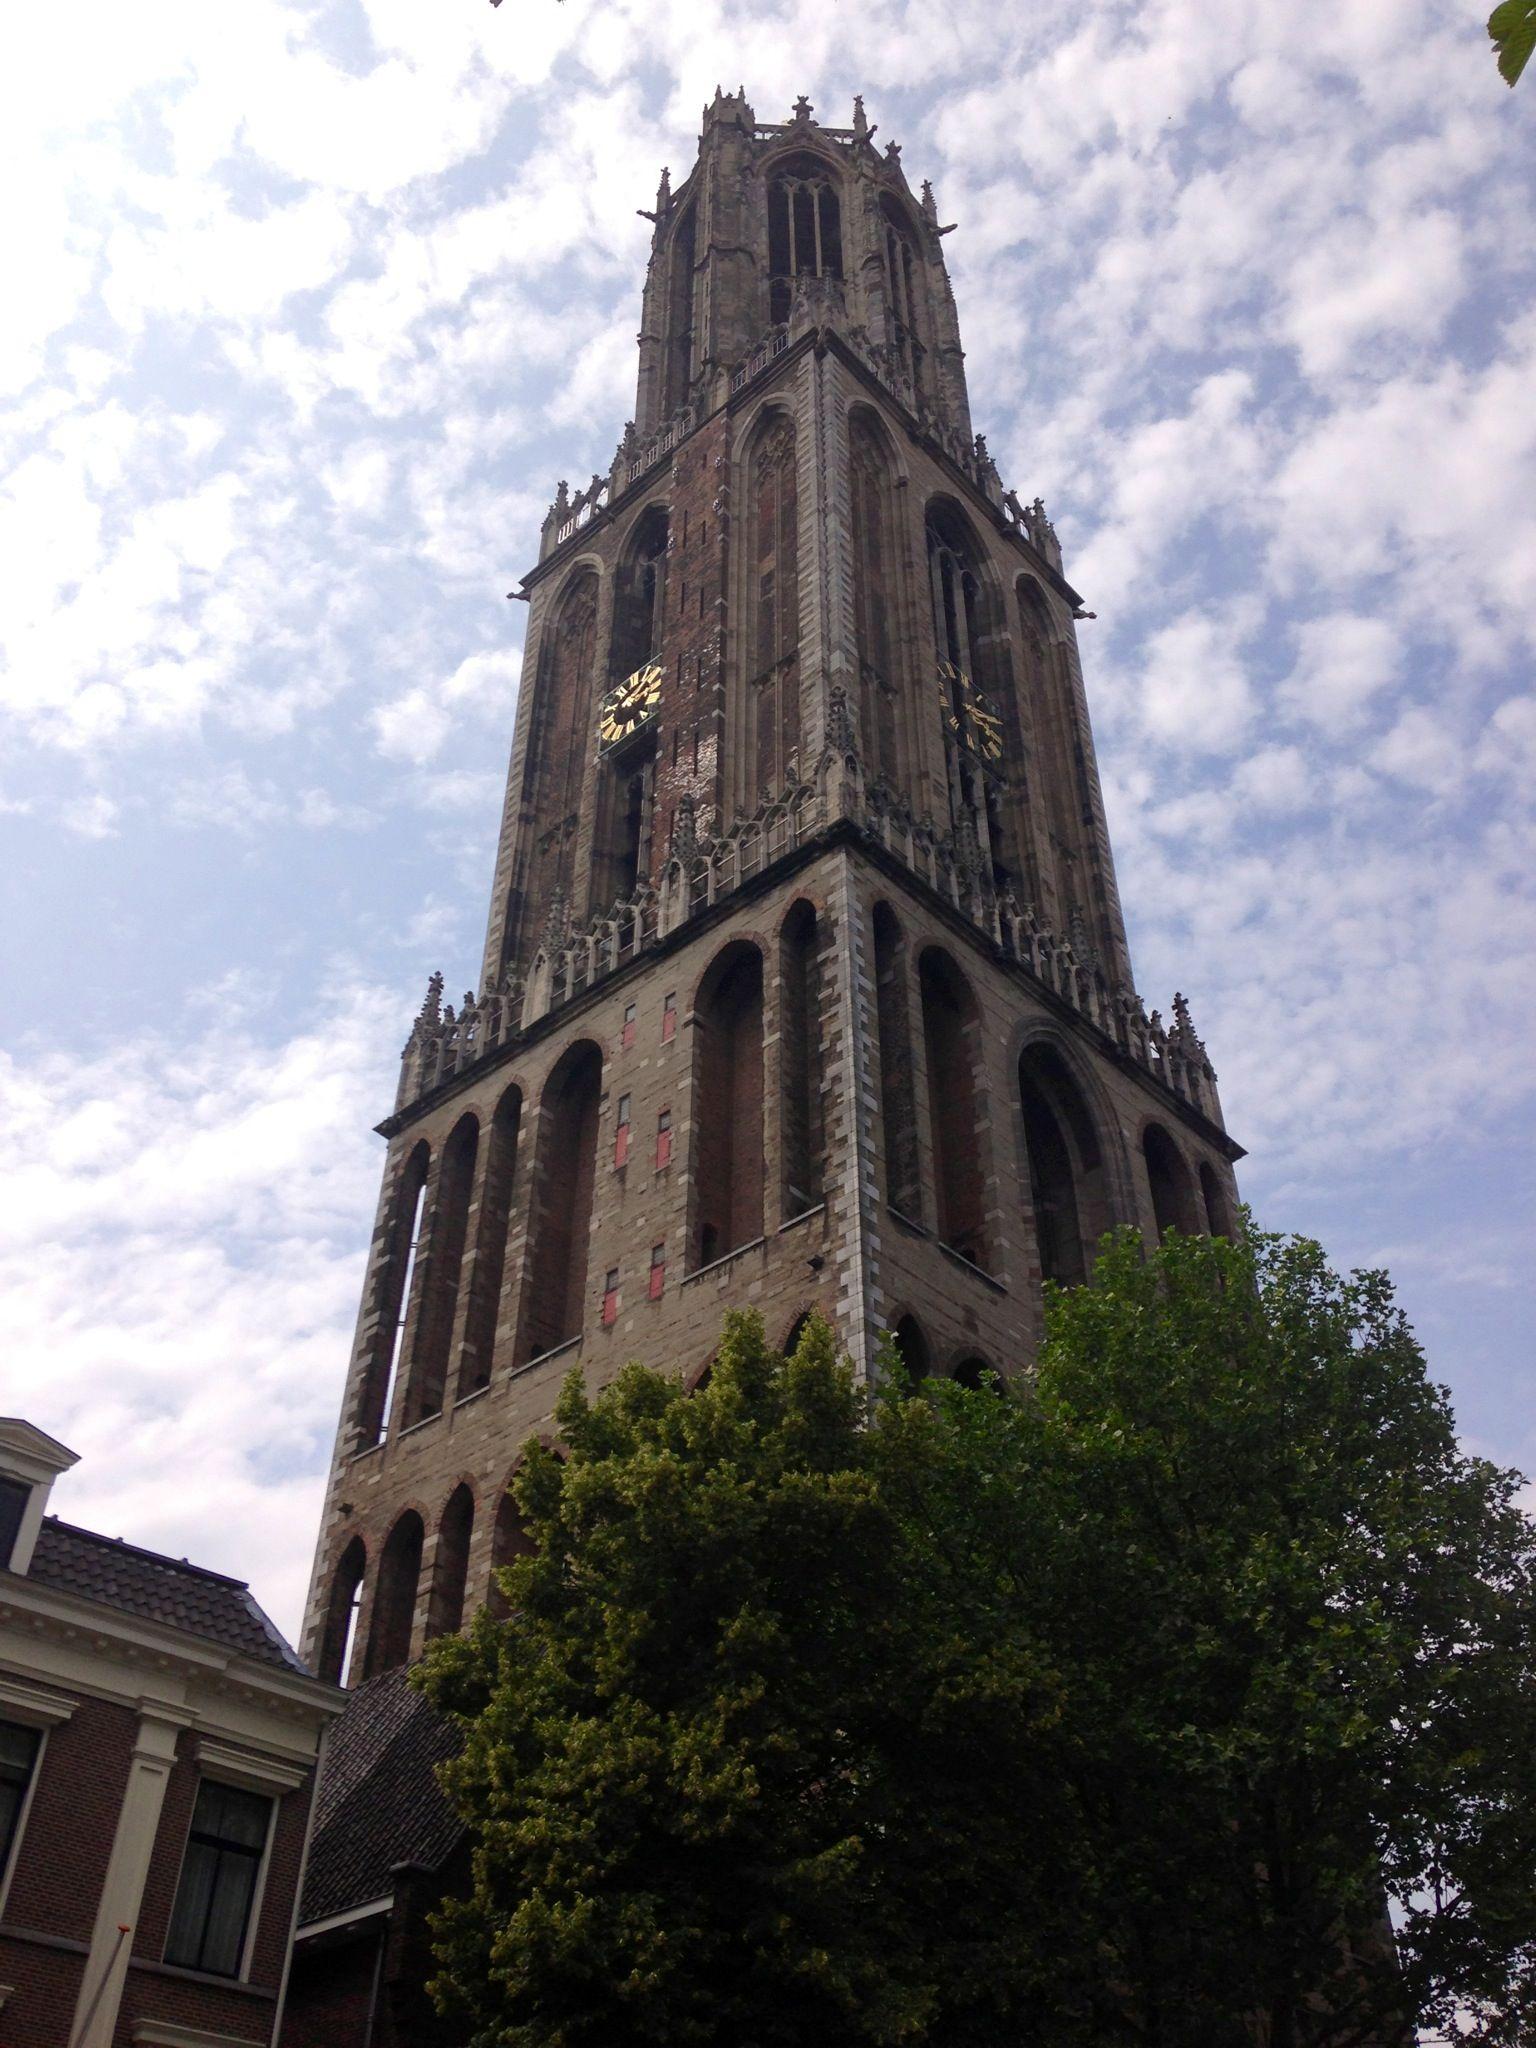 Hotelletje is geboekt! Vlak voor kerst 3 dagen naar Utrecht met mijn lieverd.